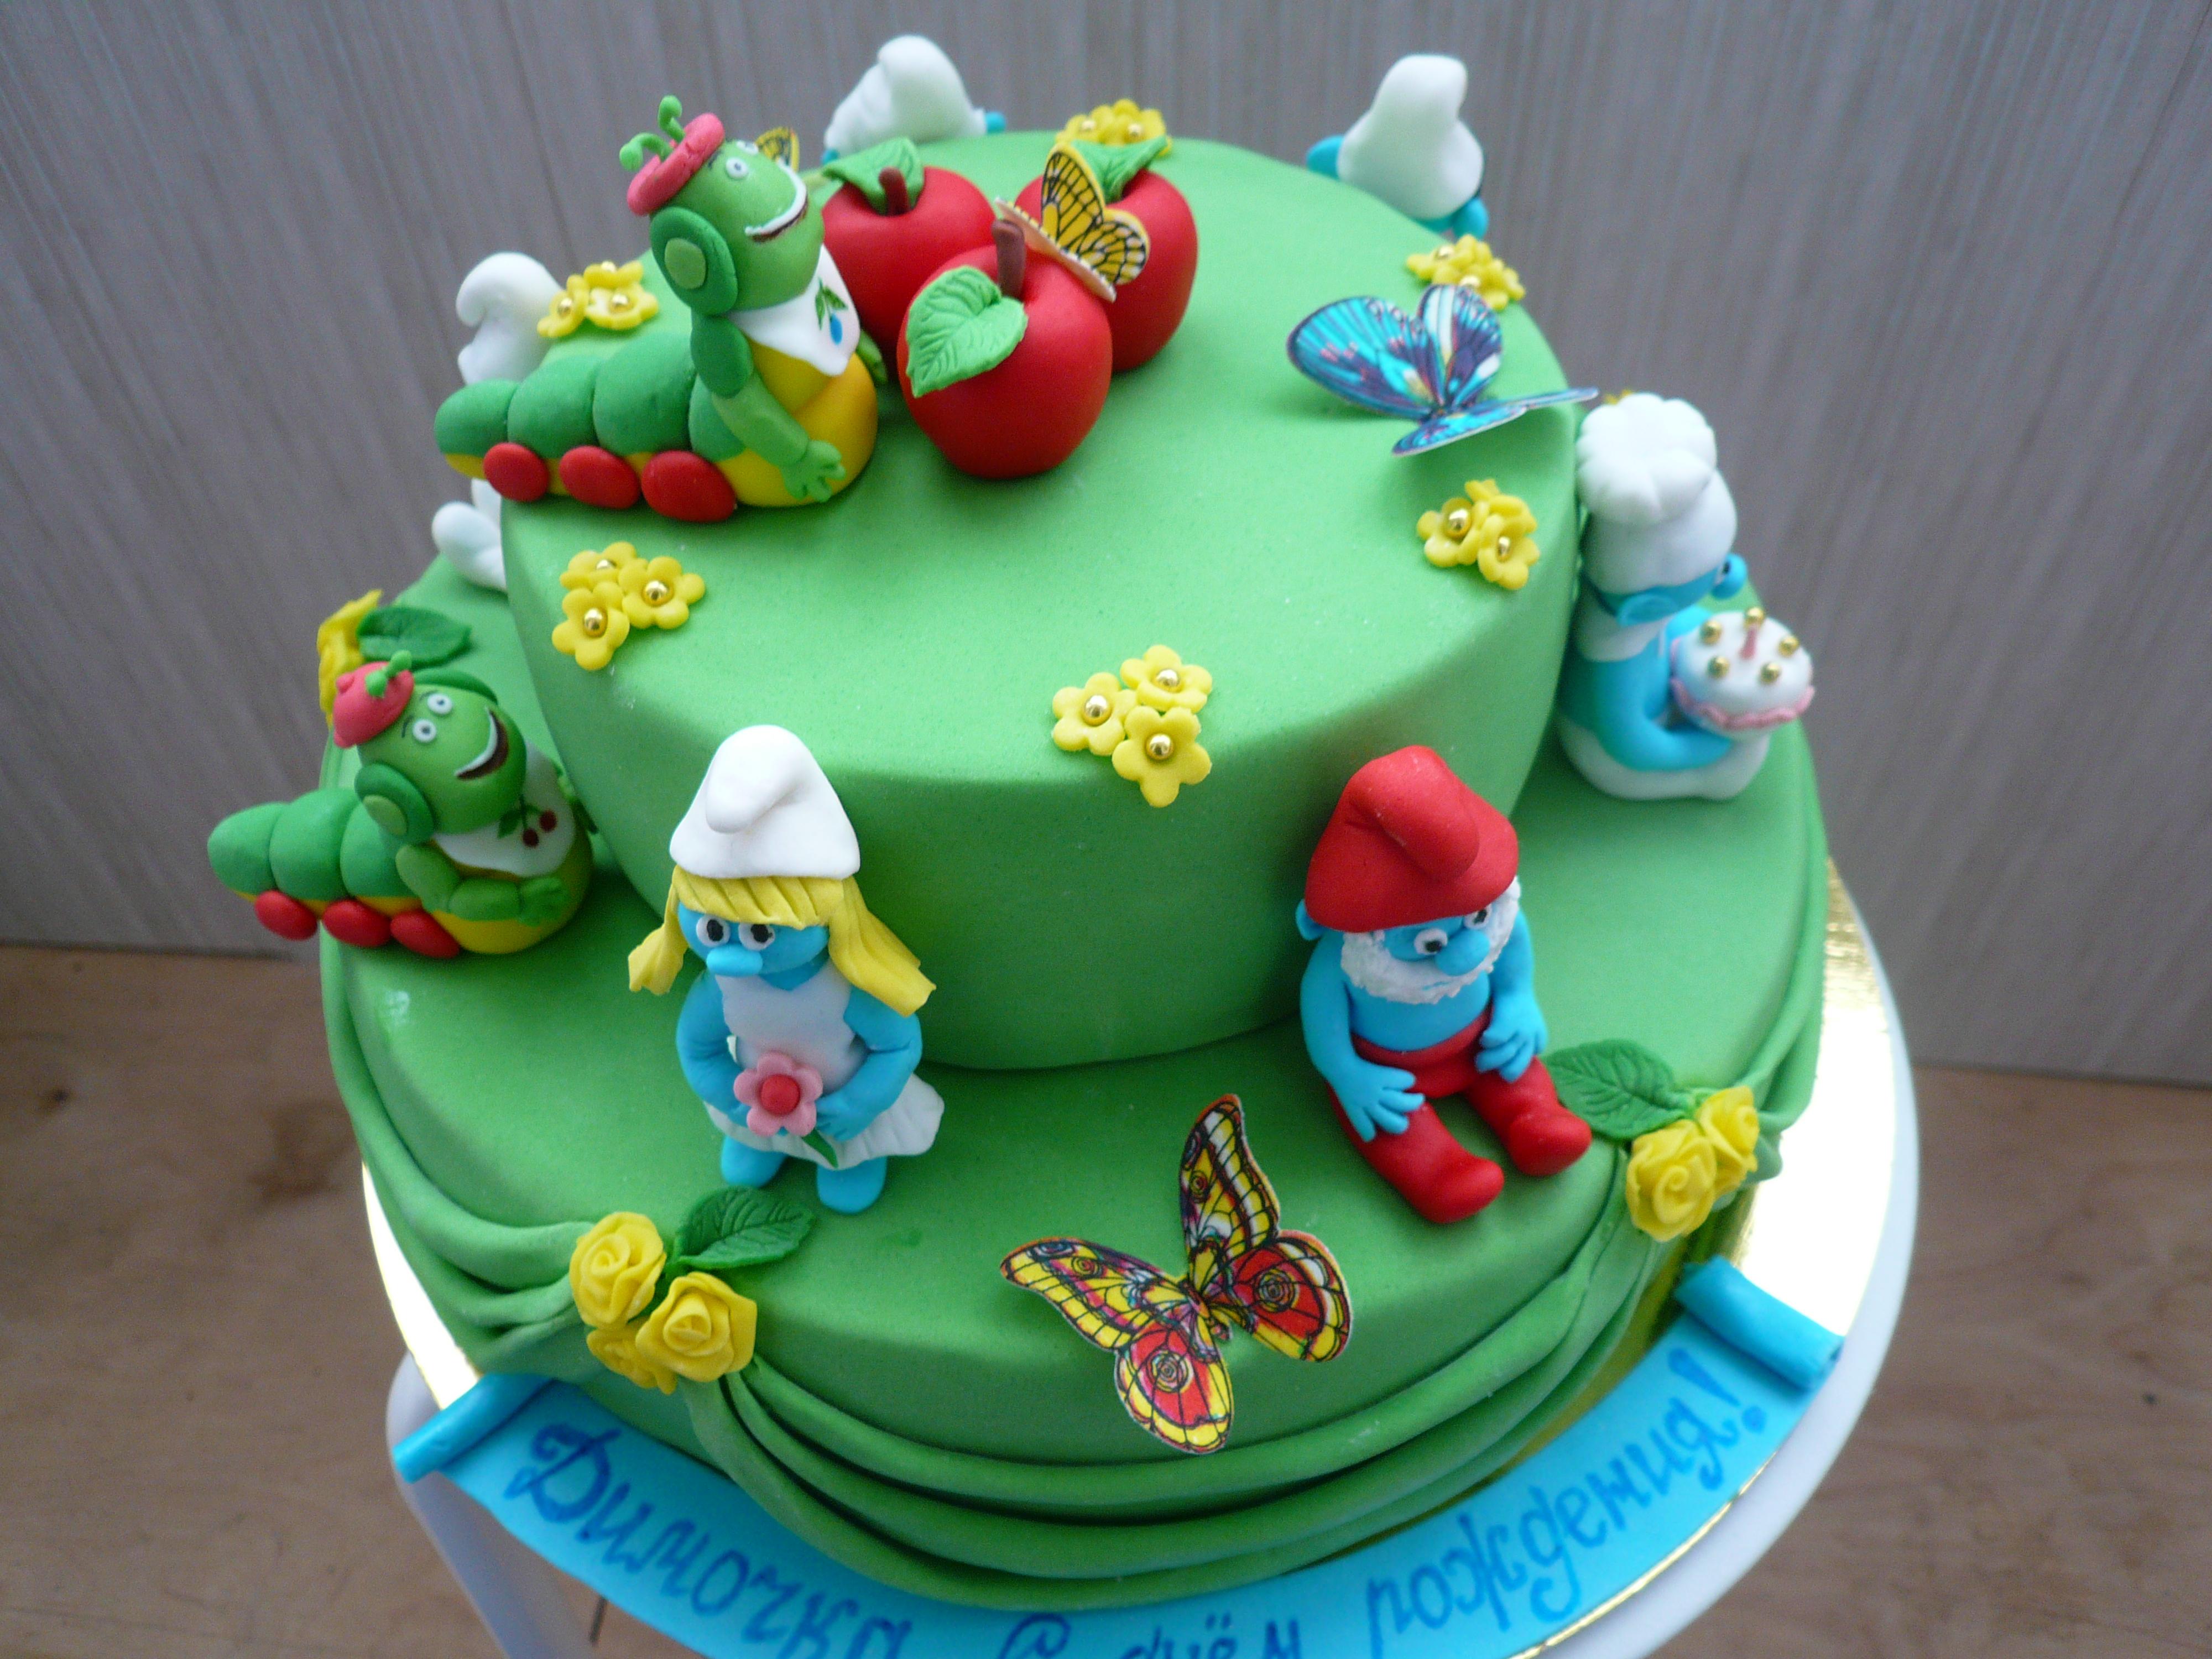 Торт  со  Смурфами  на  годовасие.